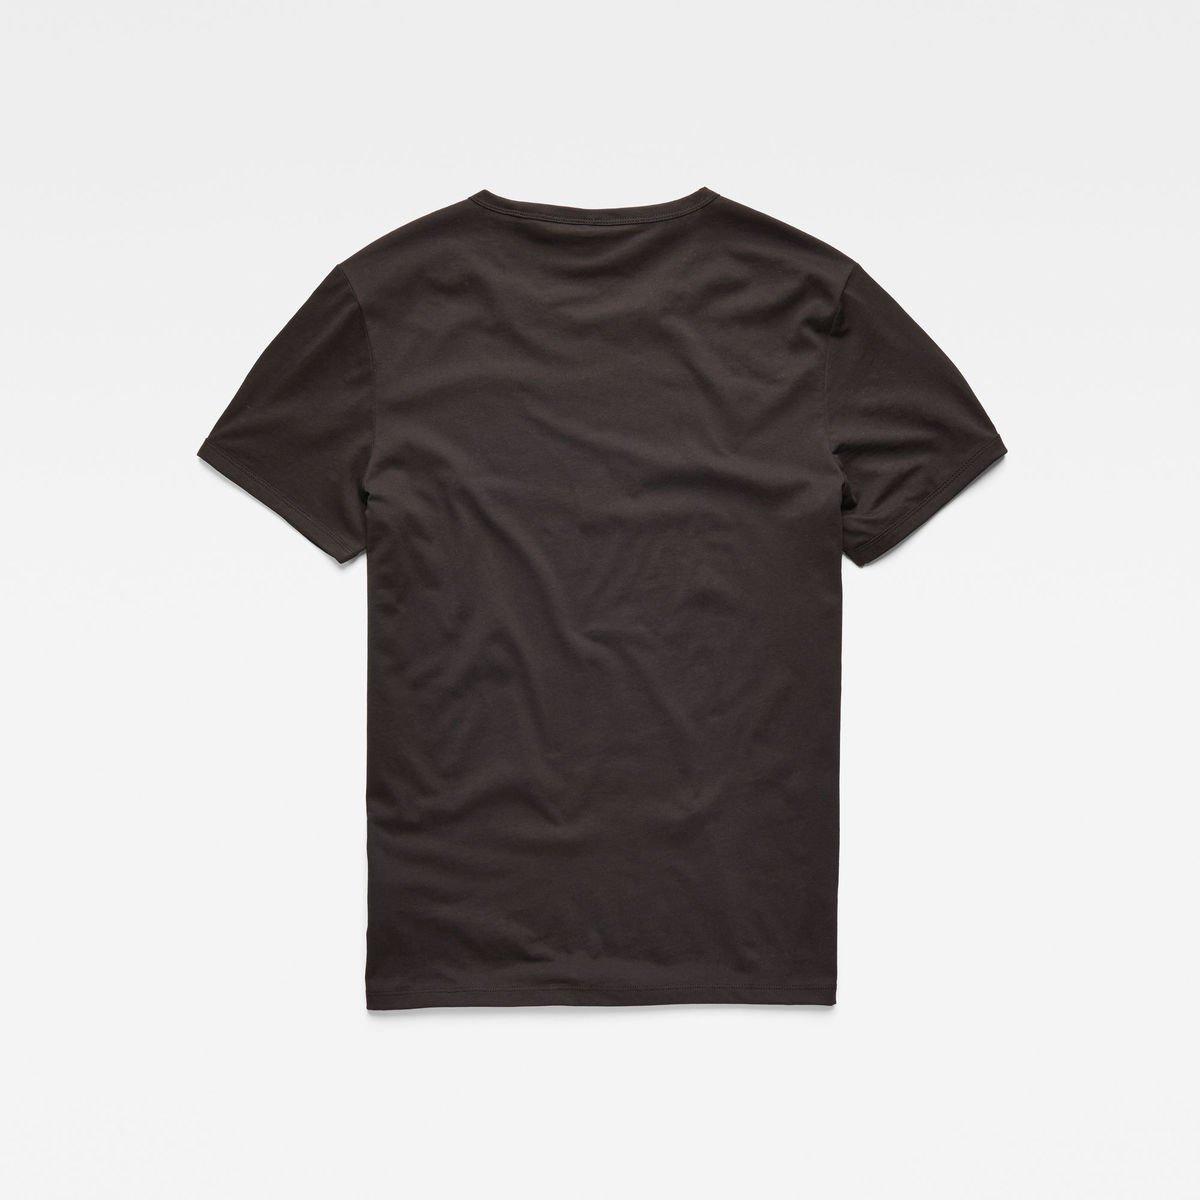 Bild 5 von Base-S T-Shirt